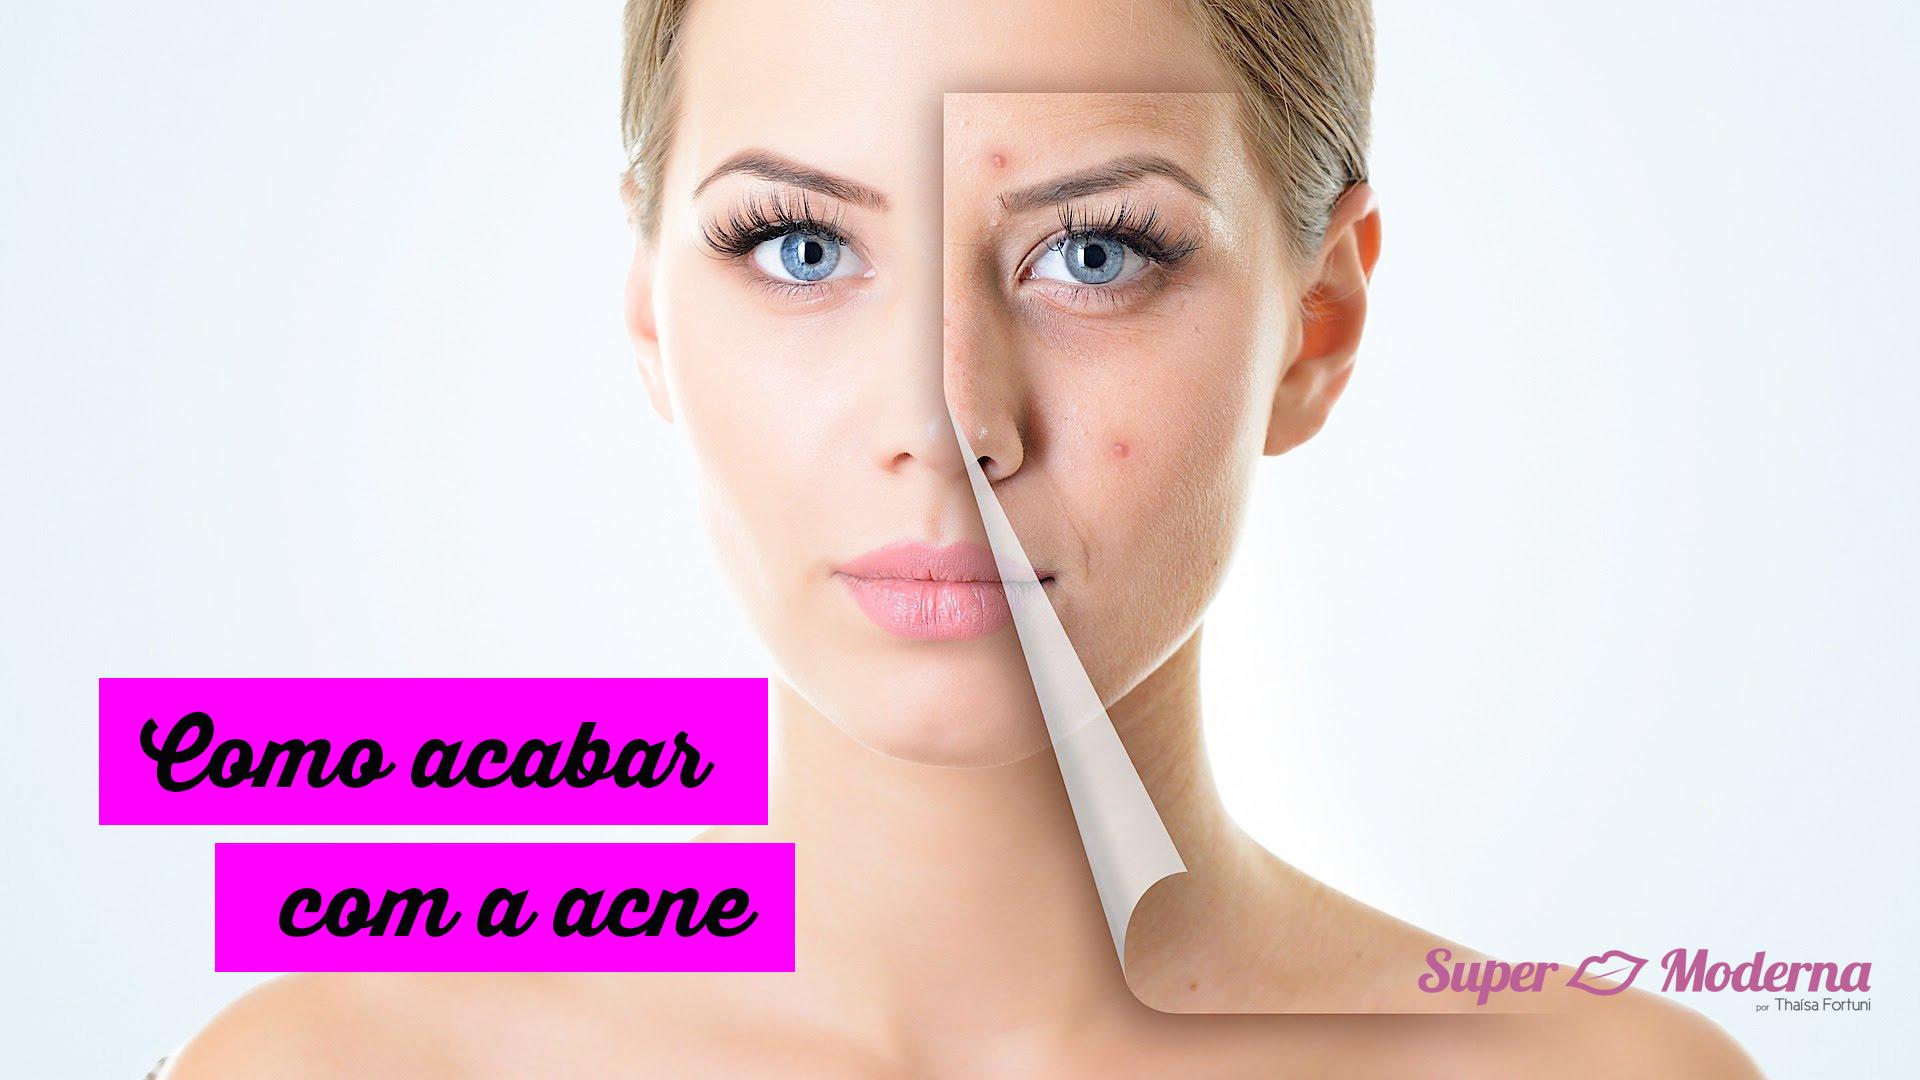 Como acabar com a acne